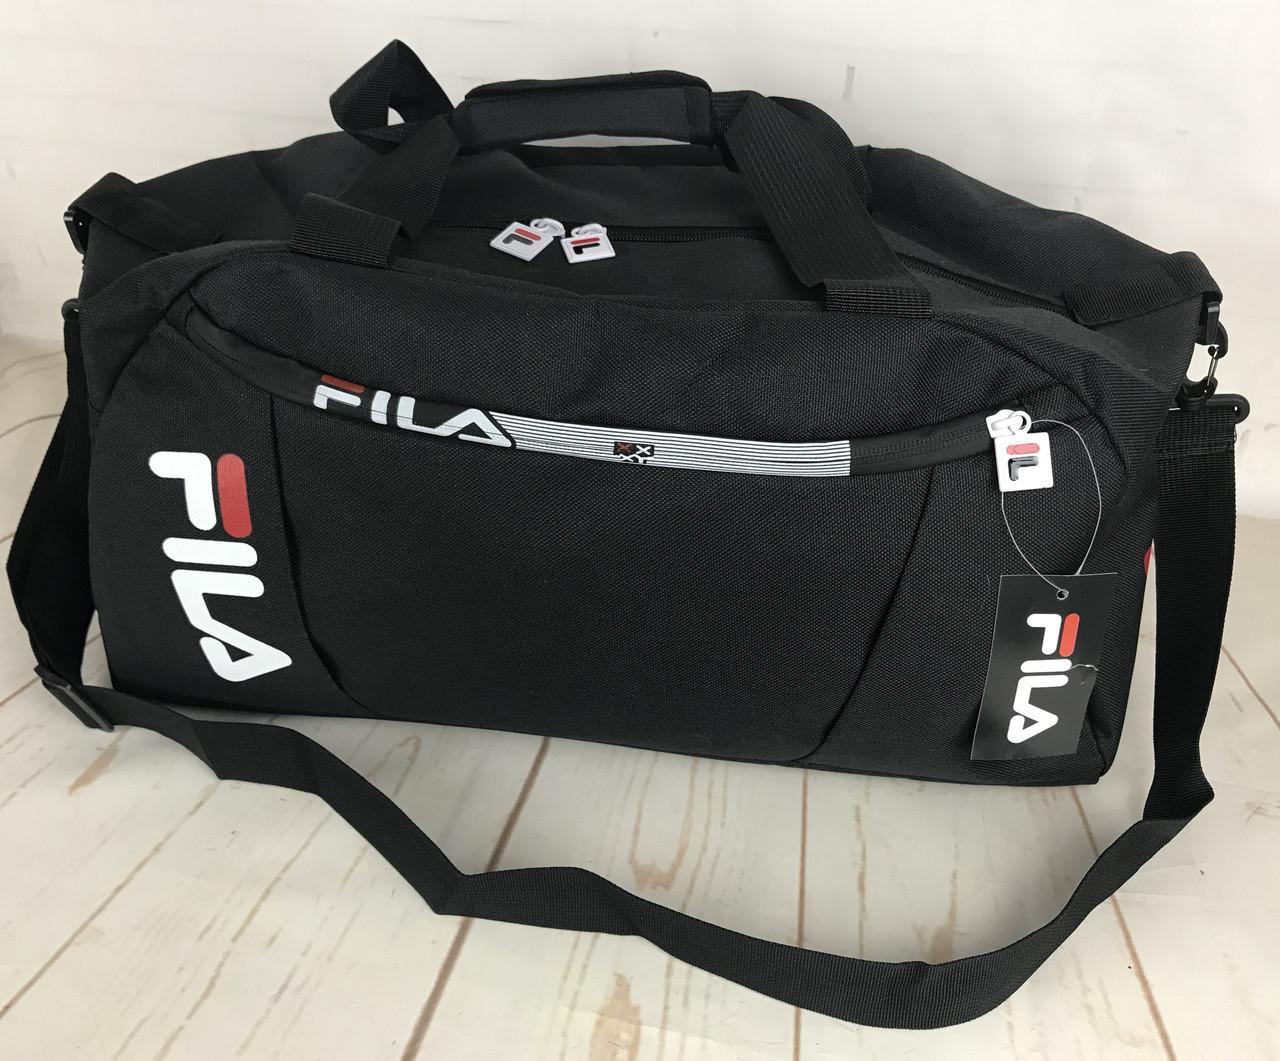 Красивая спортивная сумка  Fila.Сумка для тренировок. Дорожная сумка